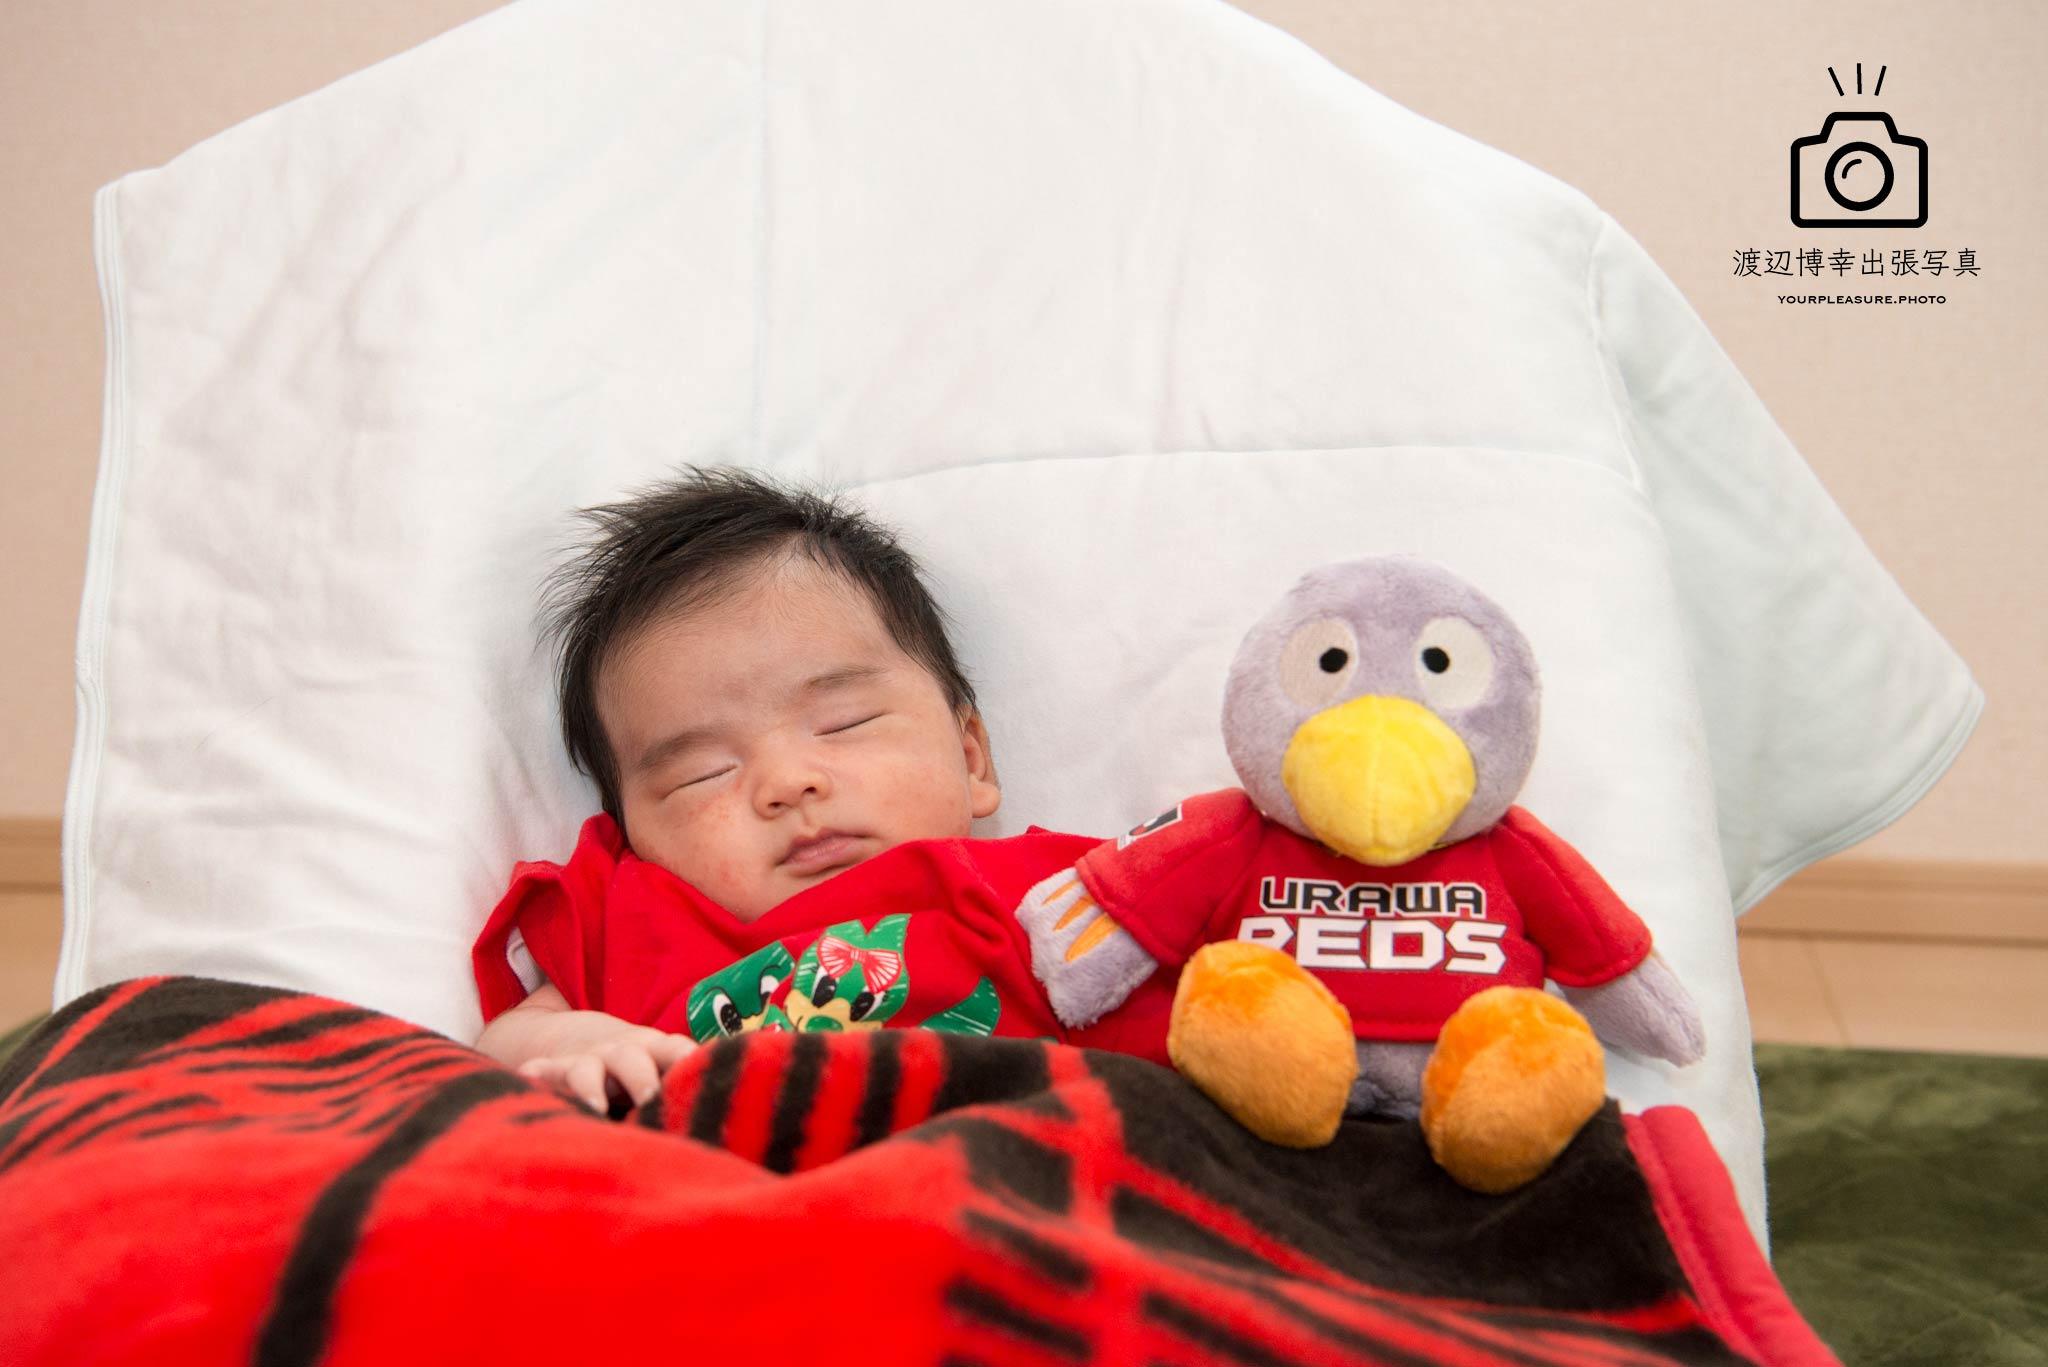 浦和レッズのマスコットと赤ちゃん